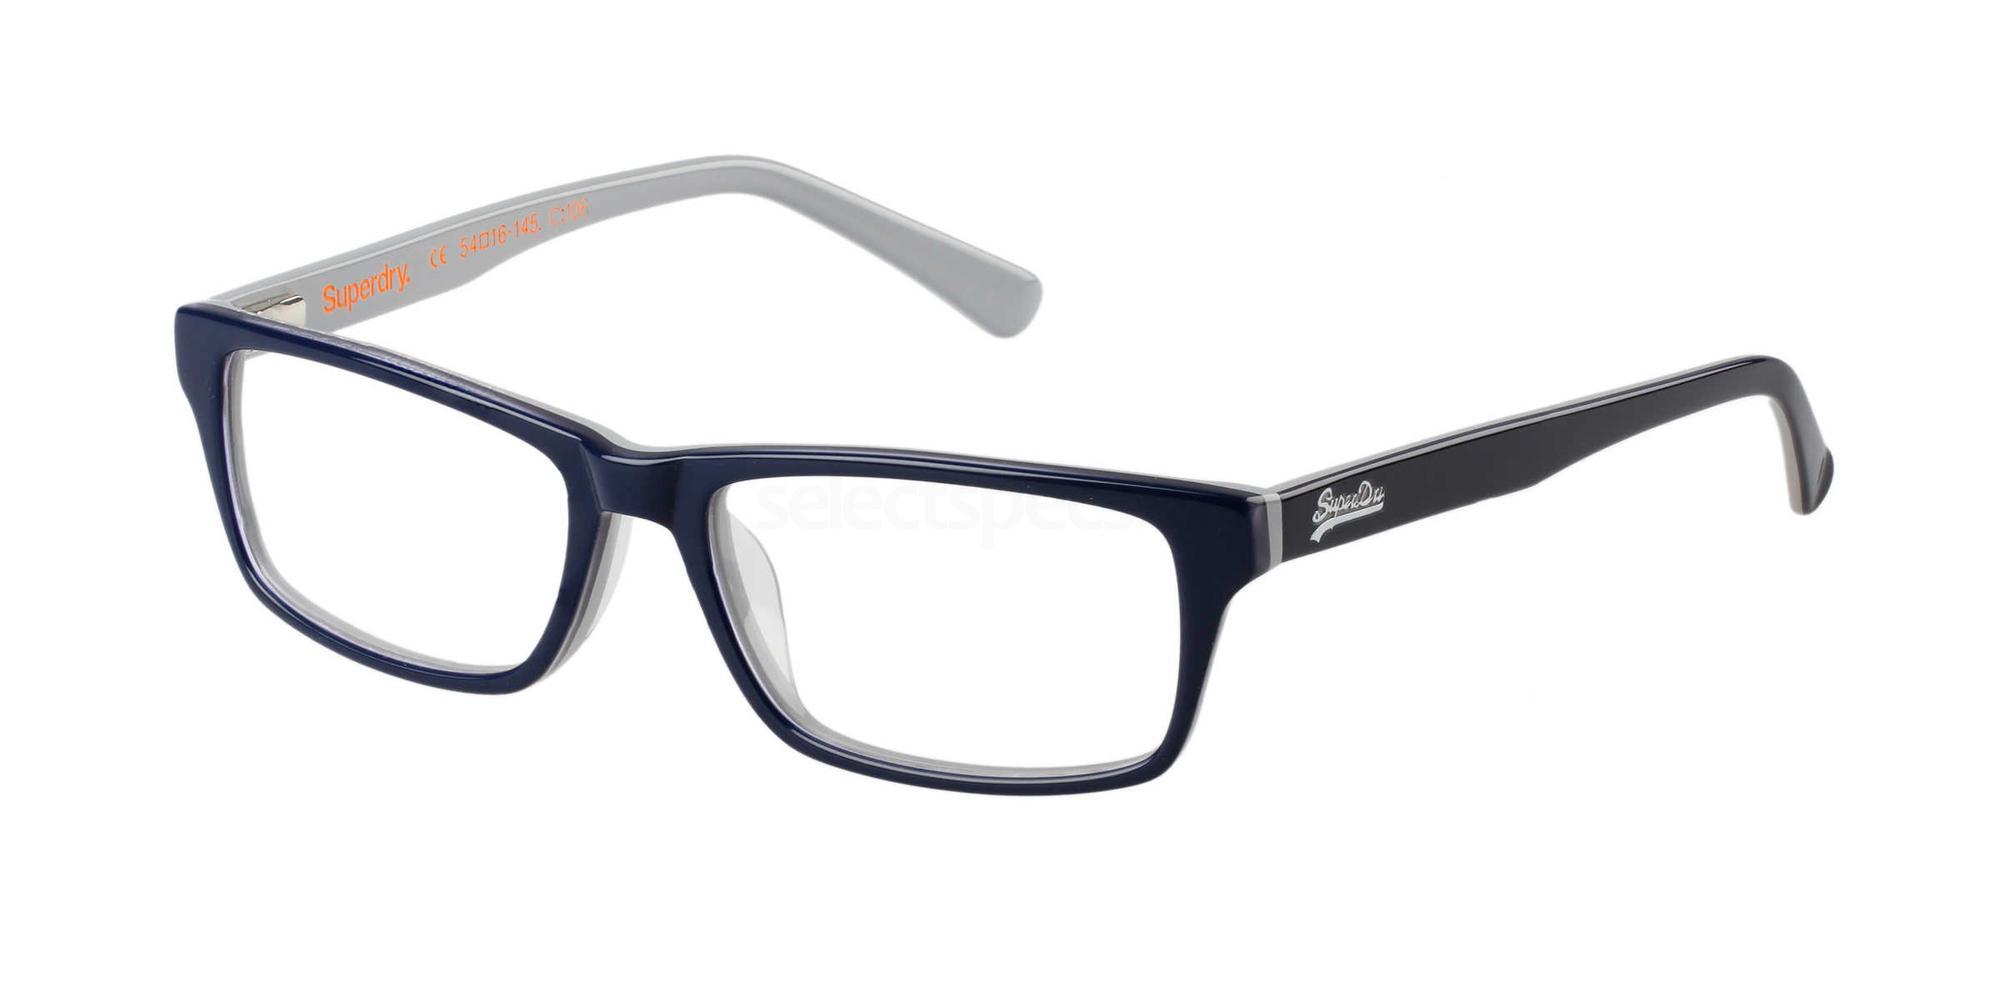 106 SDO-MURRAY Glasses, Superdry